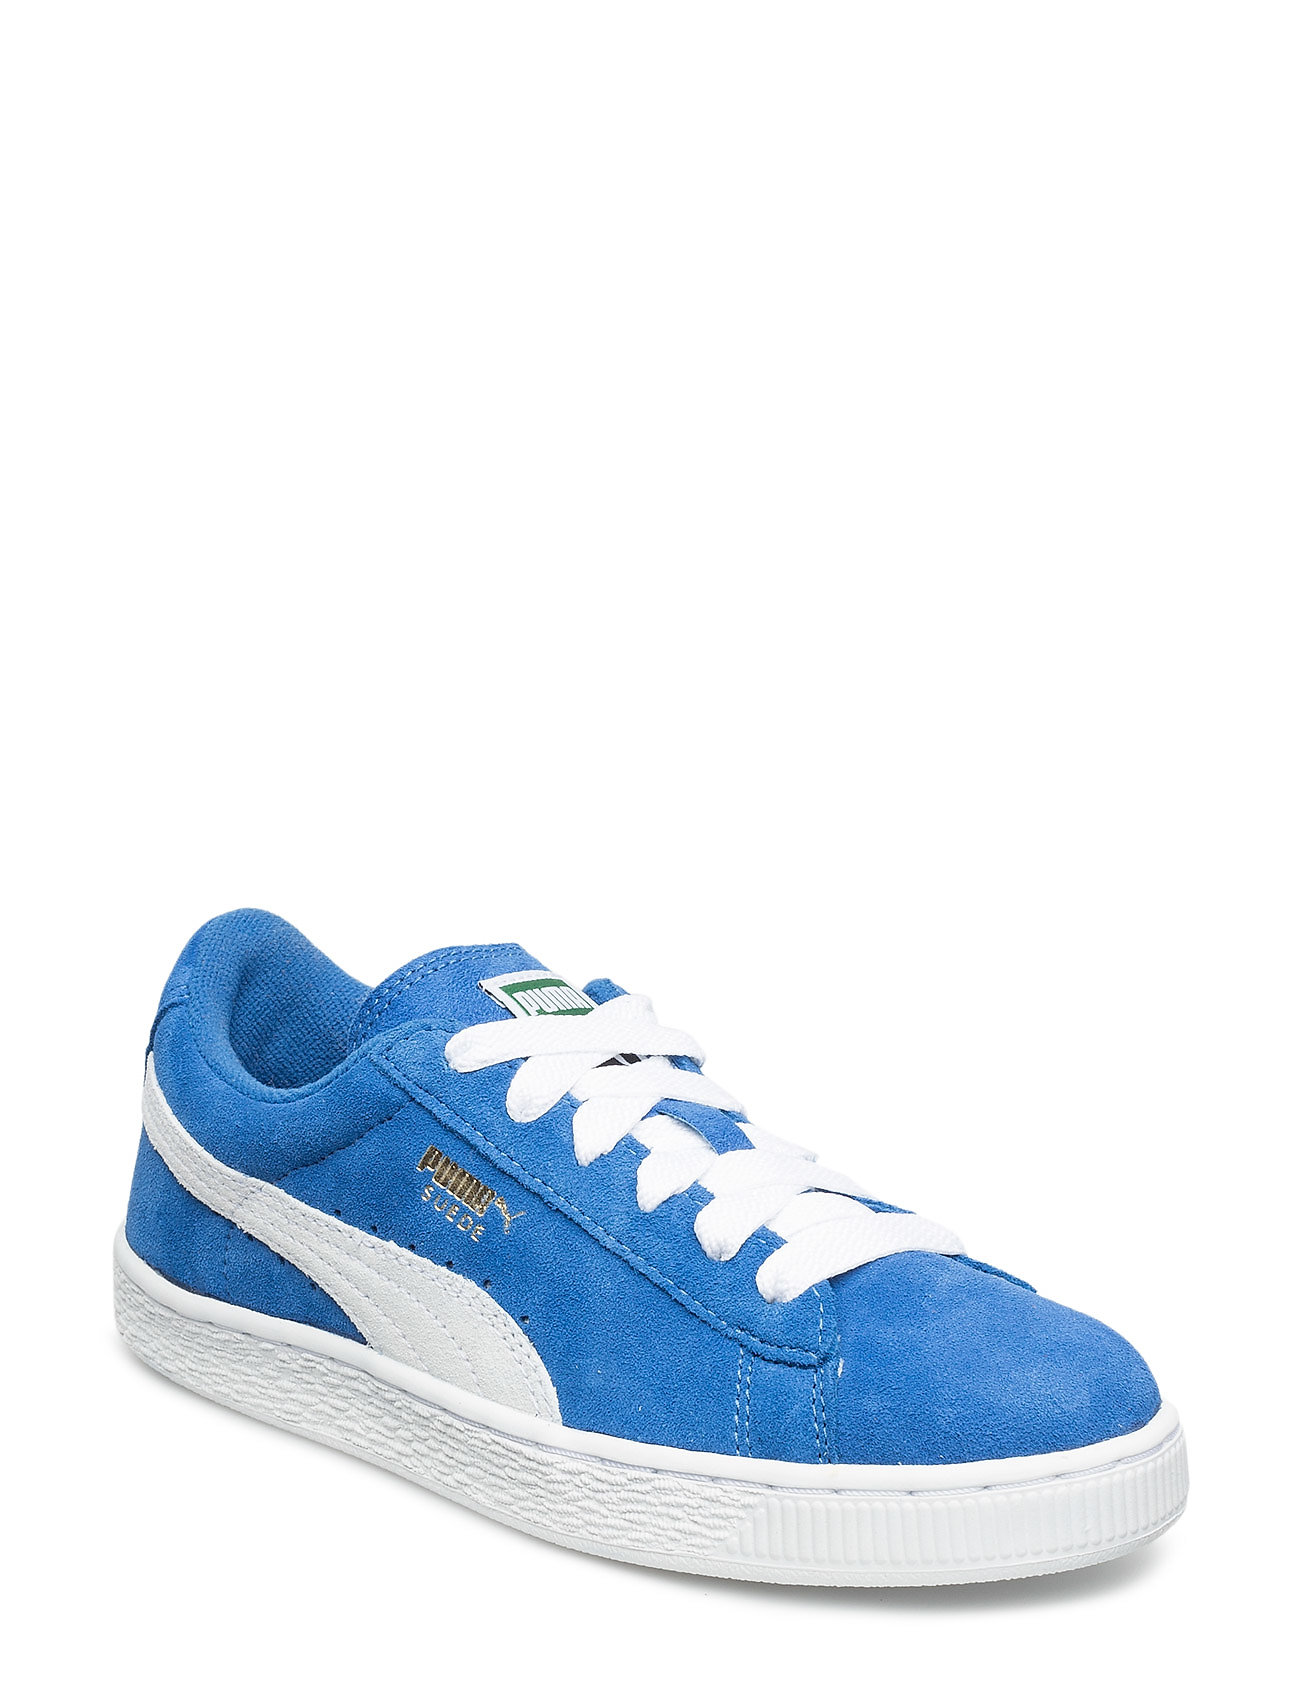 PUMA Suede Jr - SNORKEL BLUE-WHITE